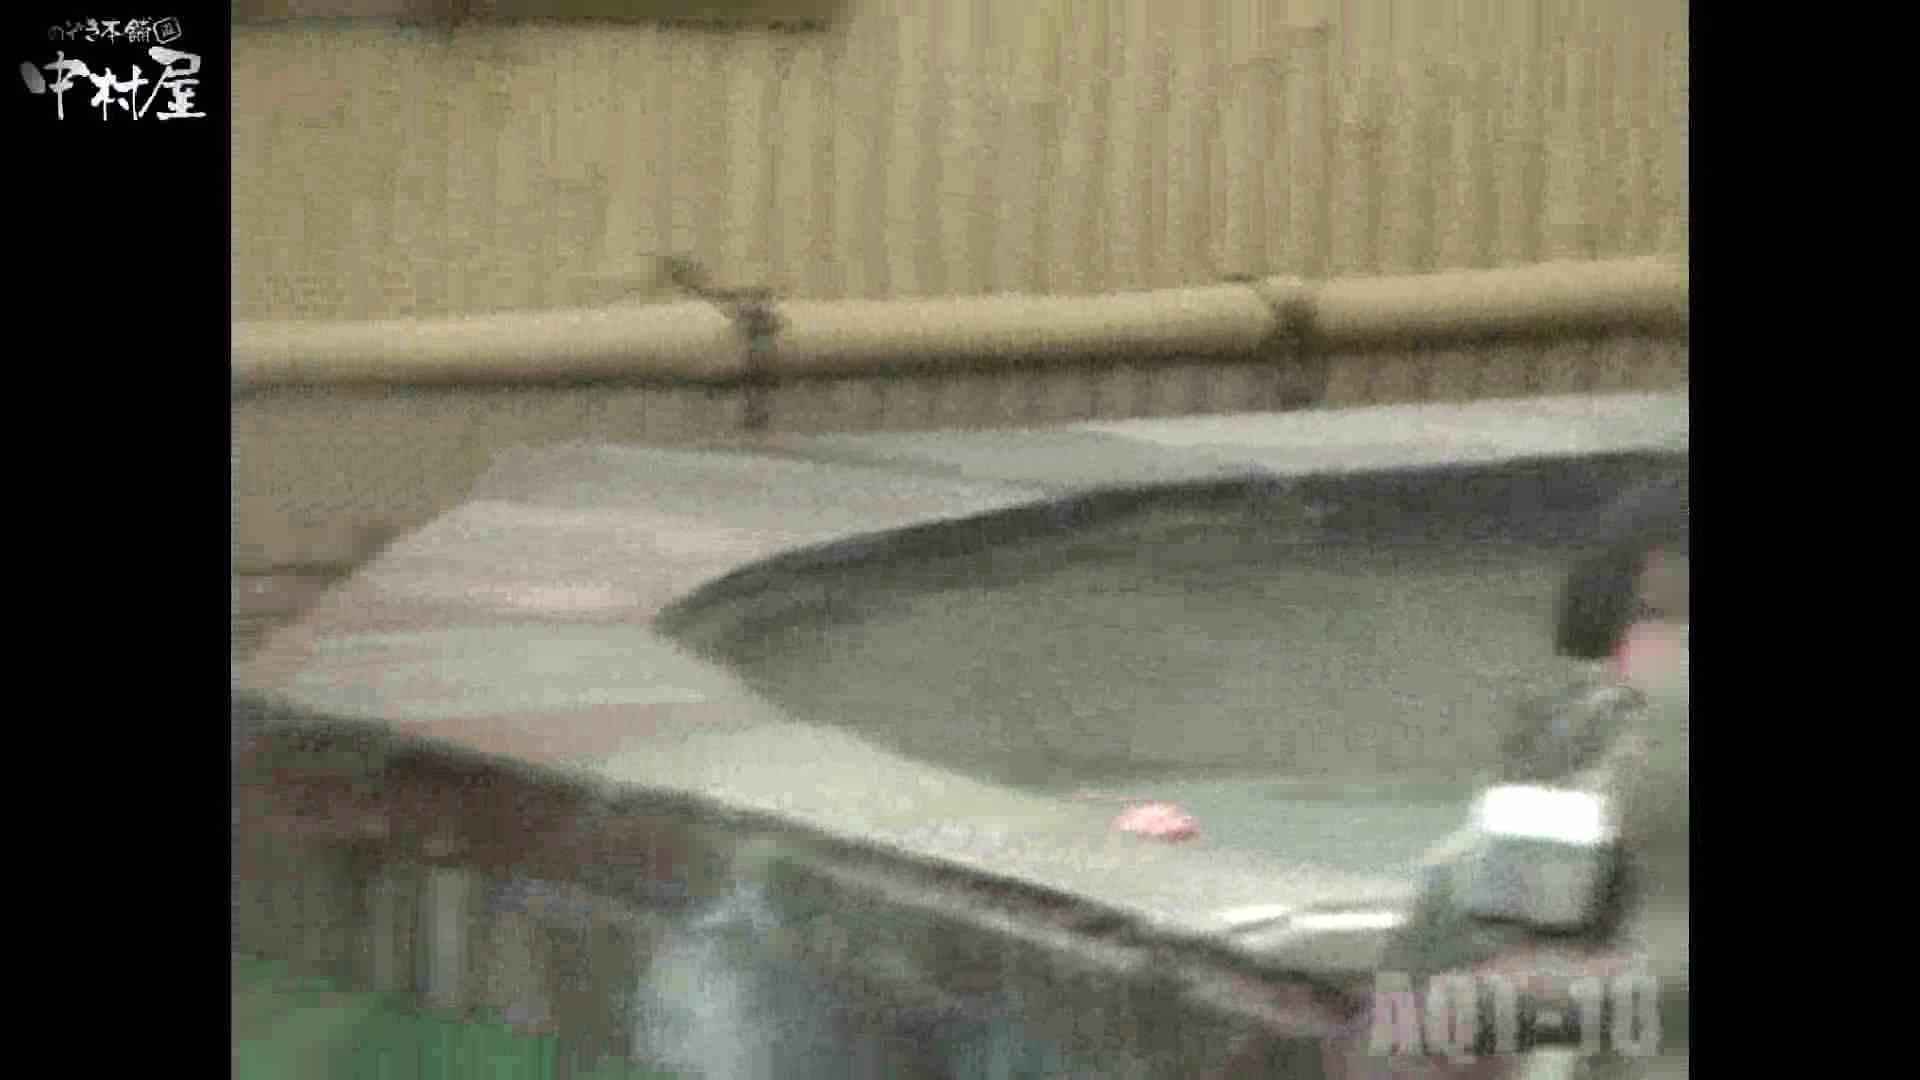 Aquaな露天風呂Vol.882潜入盗撮露天風呂十八判湯 其の五 盗撮映像  95Pix 3